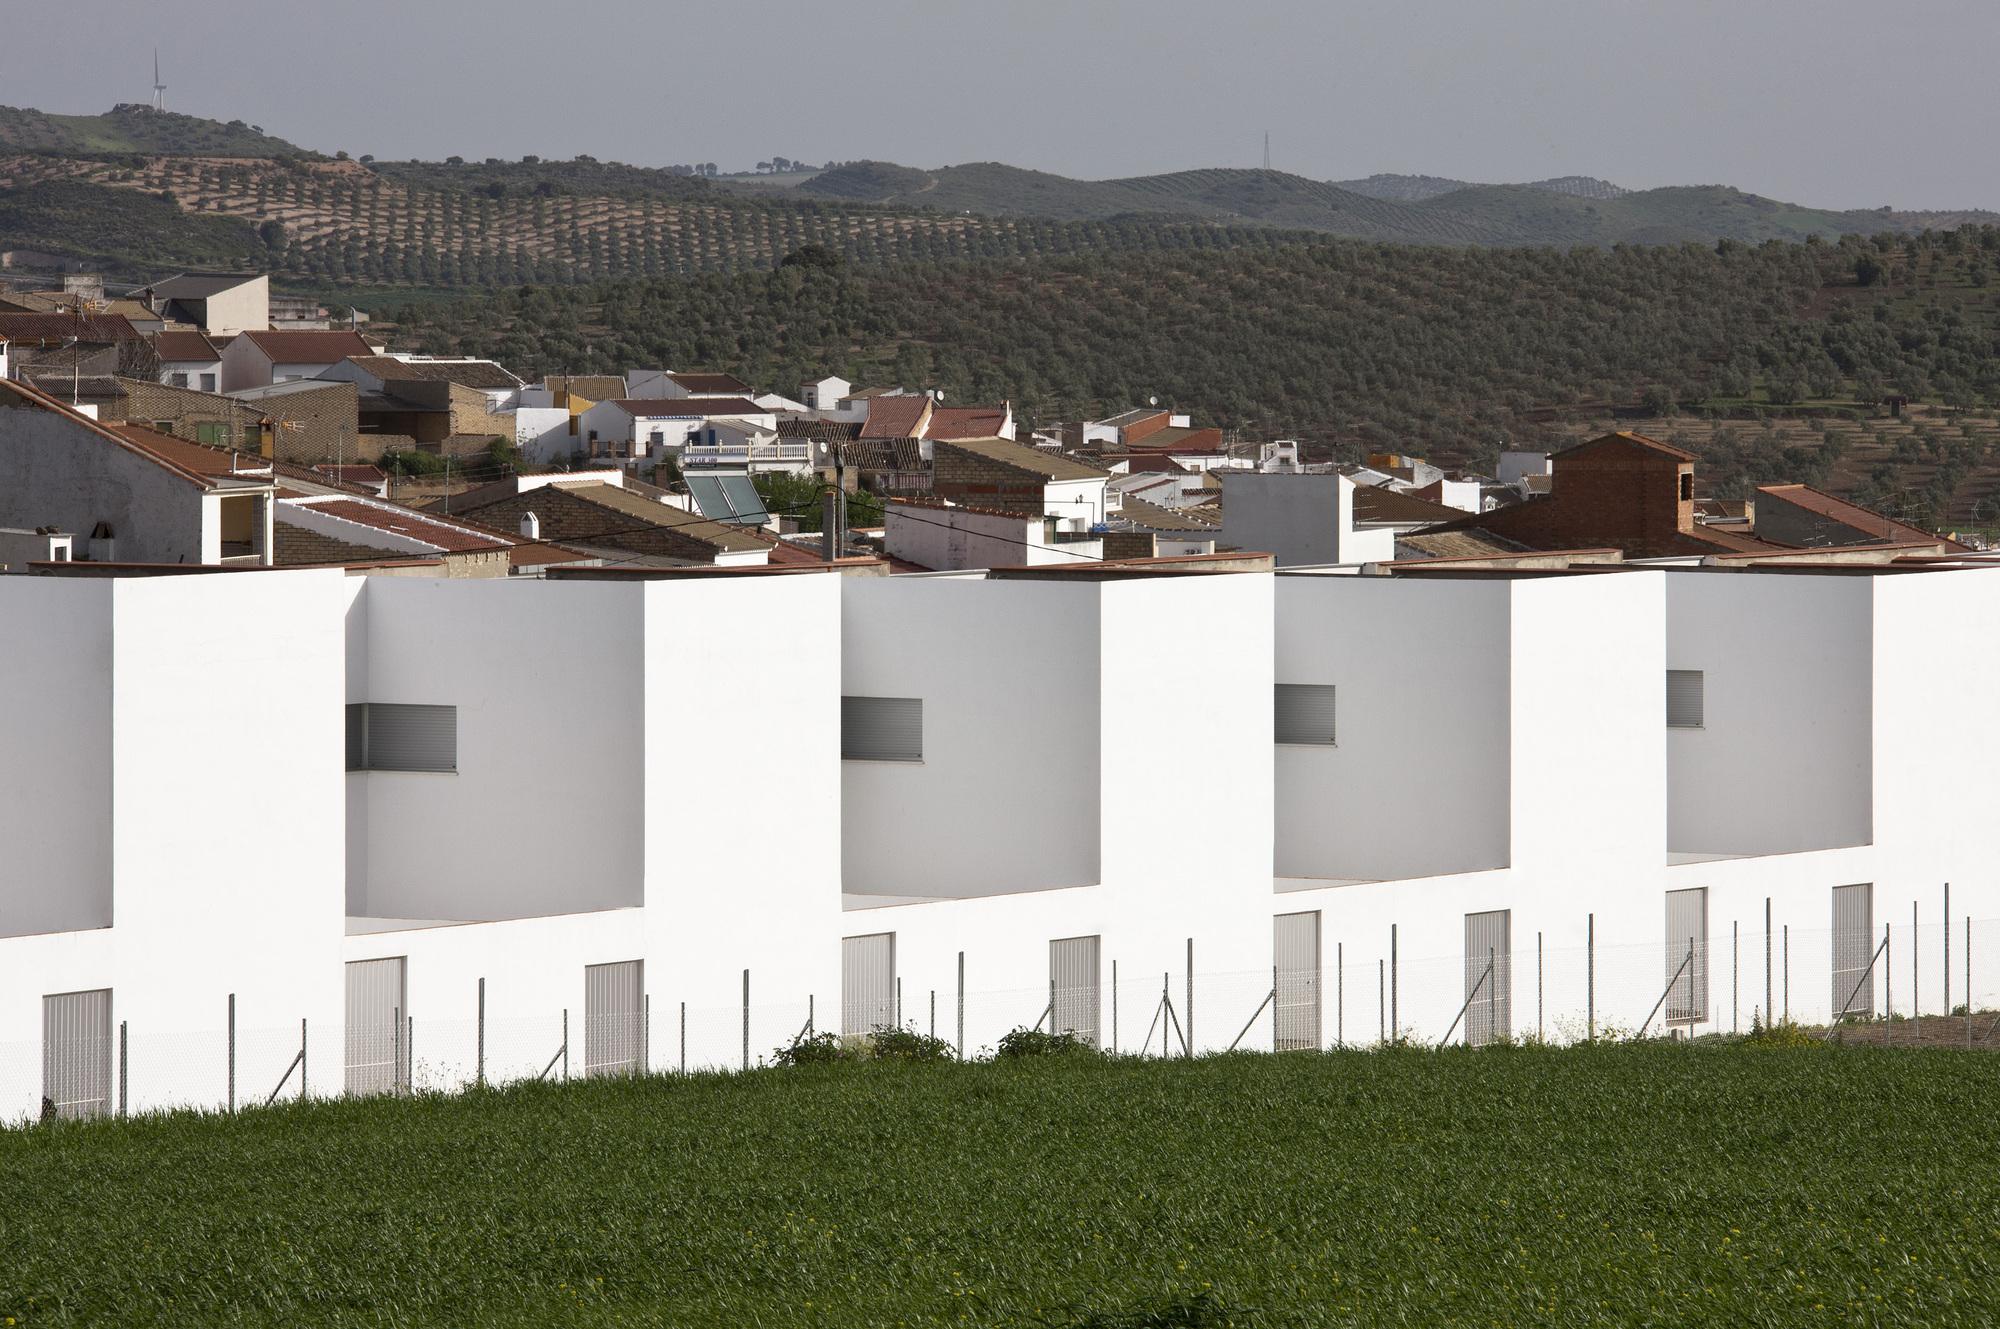 52dde1f3e8e44e9f14000077_20-social-dwellings-in-el-saucejo-su-rez-corchete_03.jpg